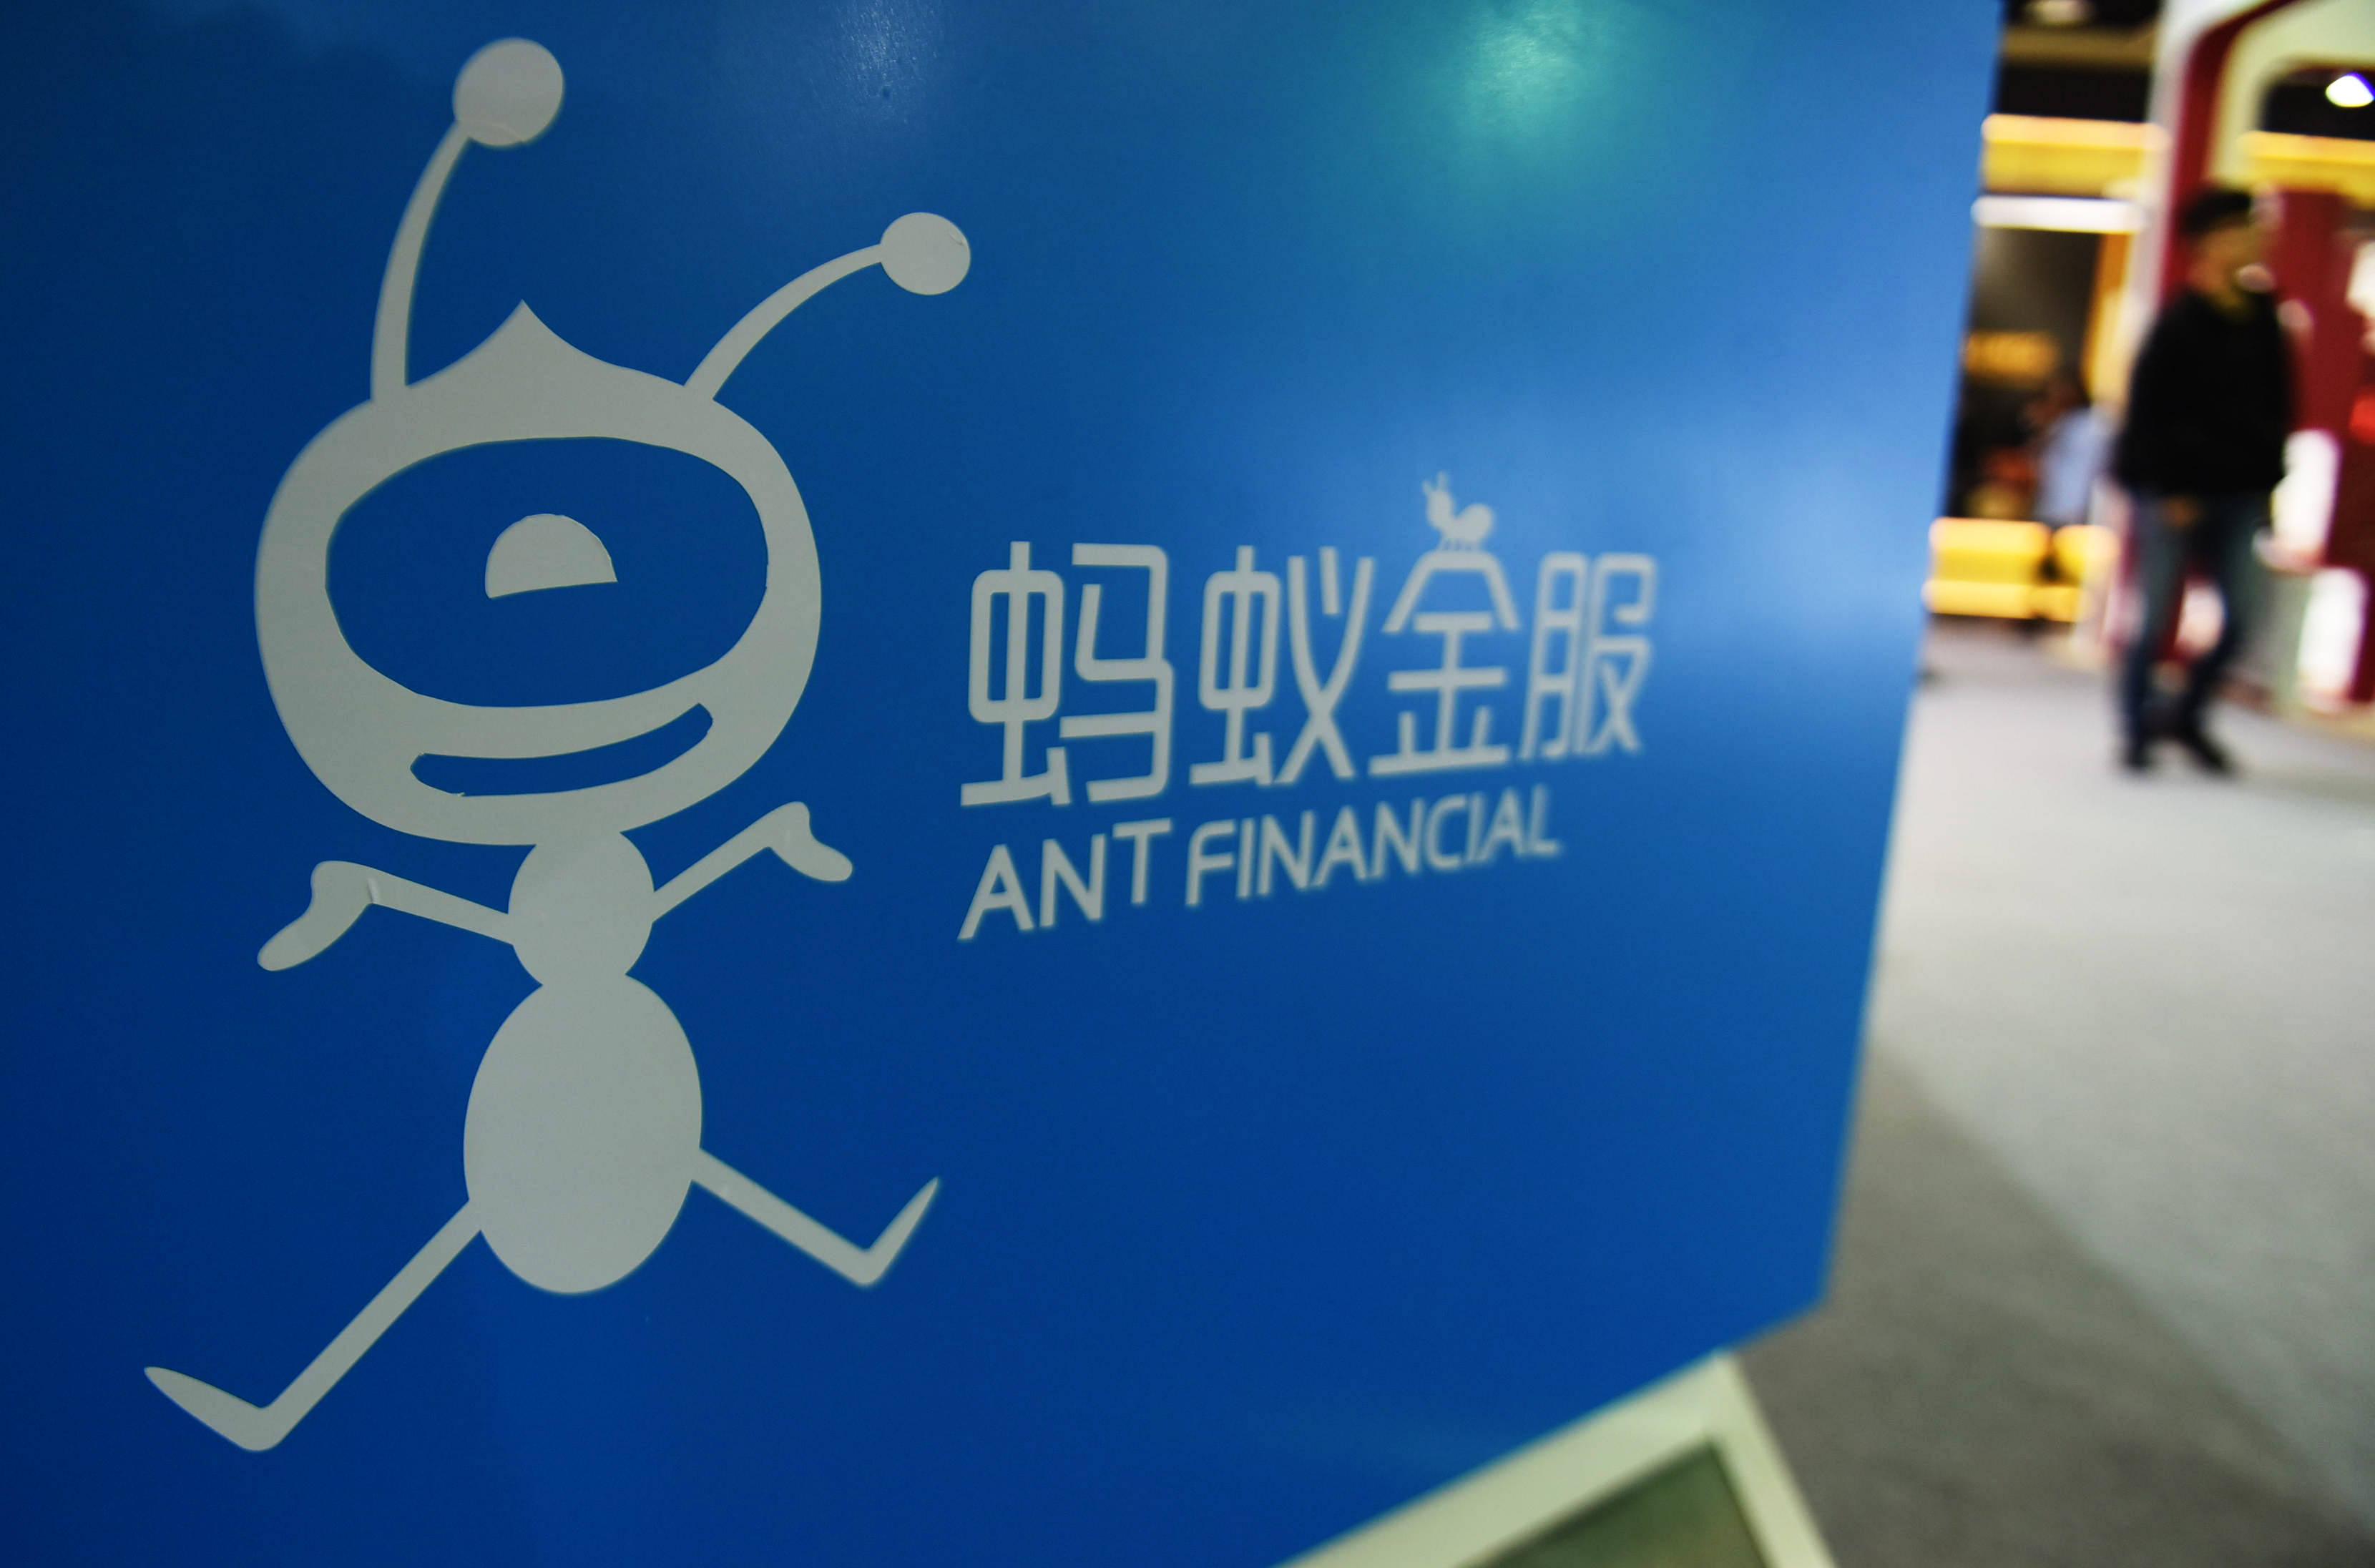 蚂蚁集团为什么支付100多亿从阿里巴巴集团买回自己的专利?